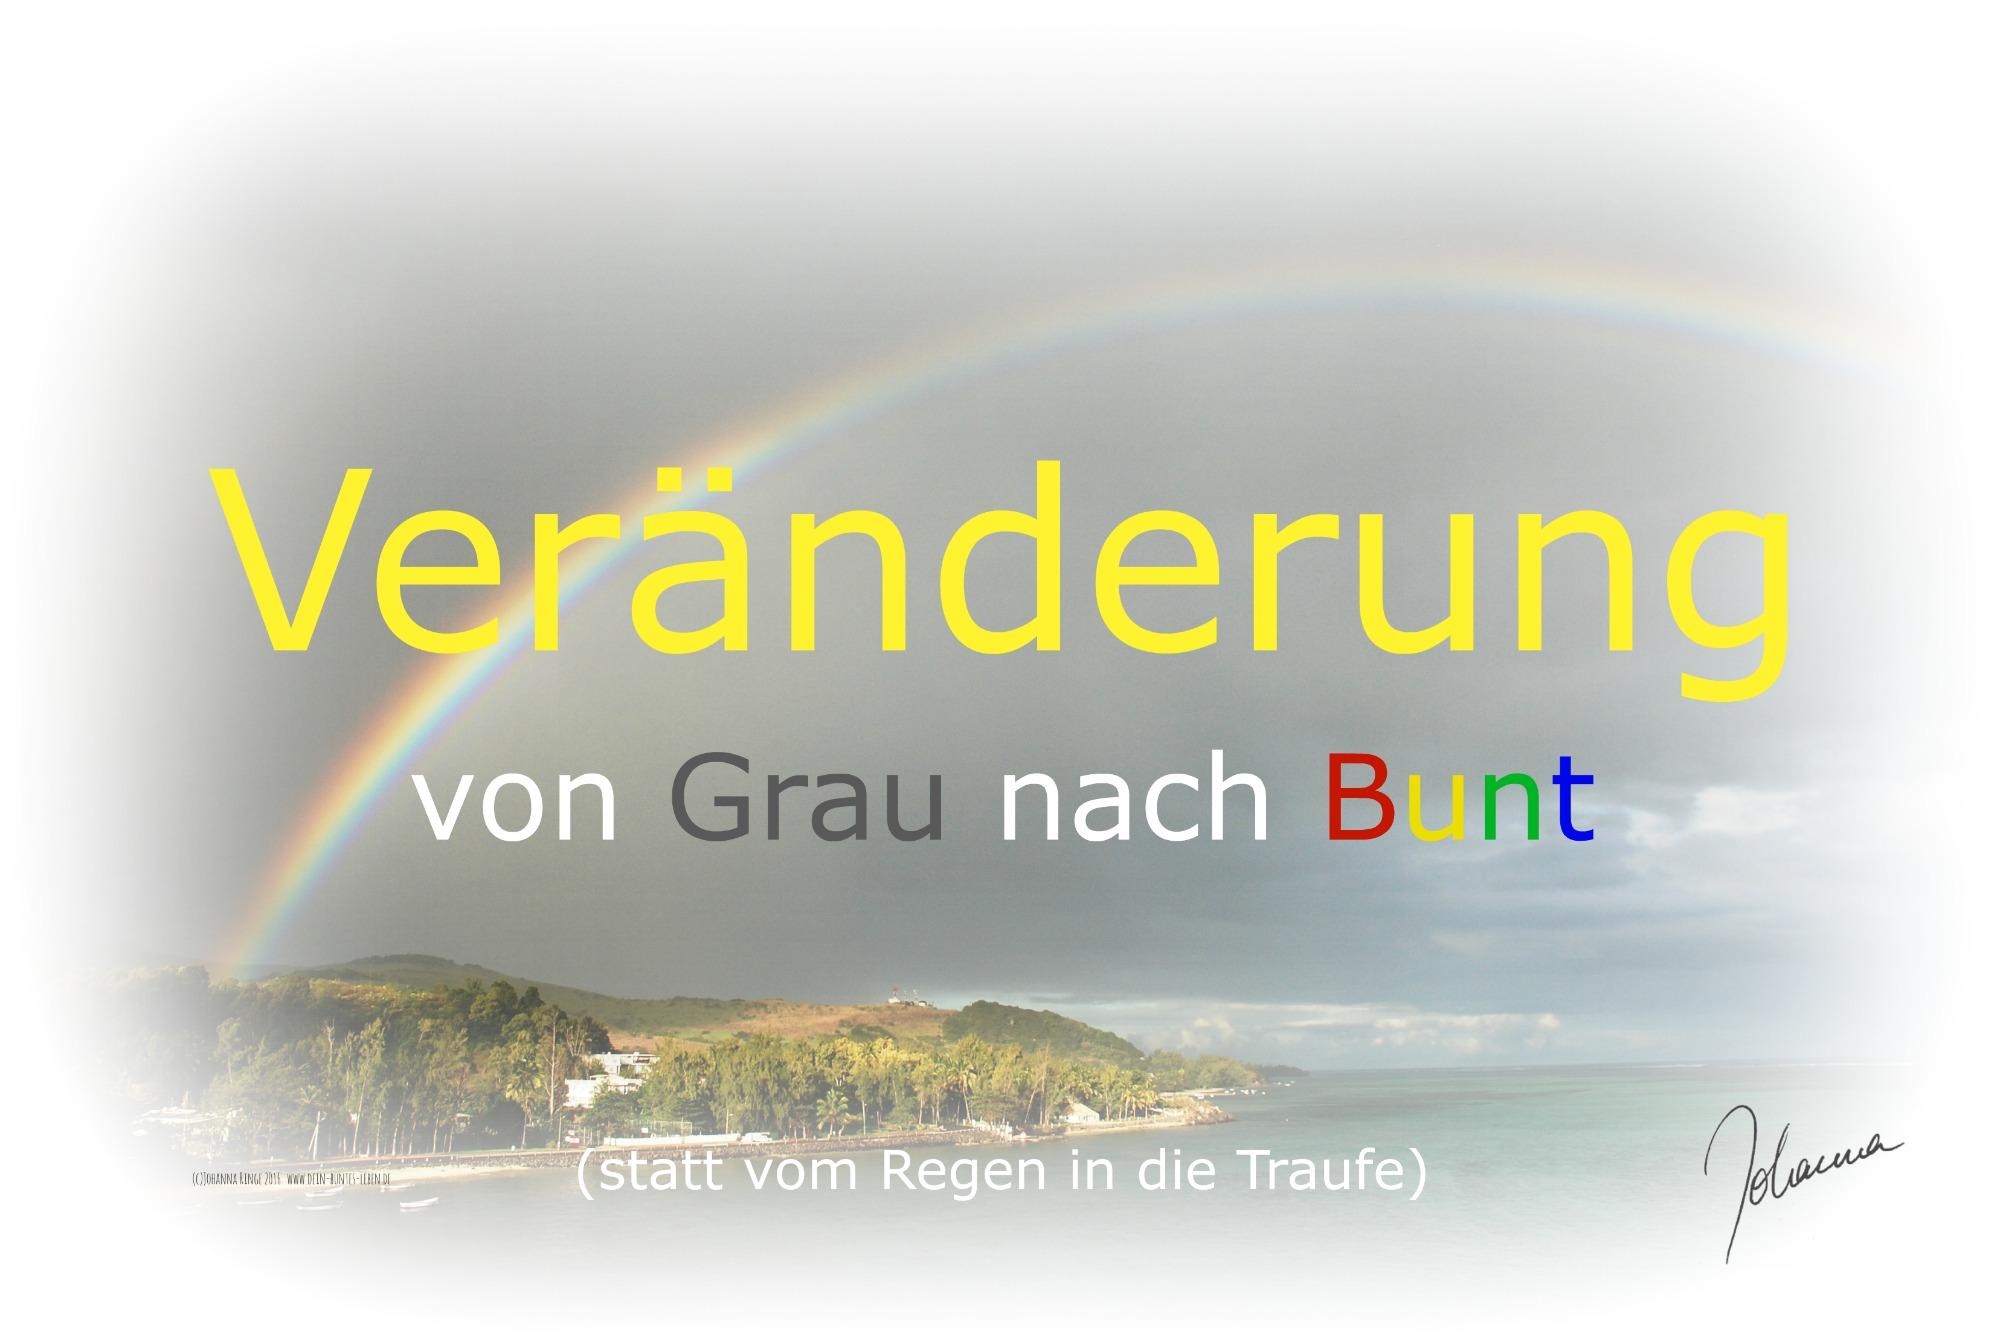 Veränderung von Grau nach Bunt (c) Johanna Ringe 2016 www.dein-buntes-leben.de